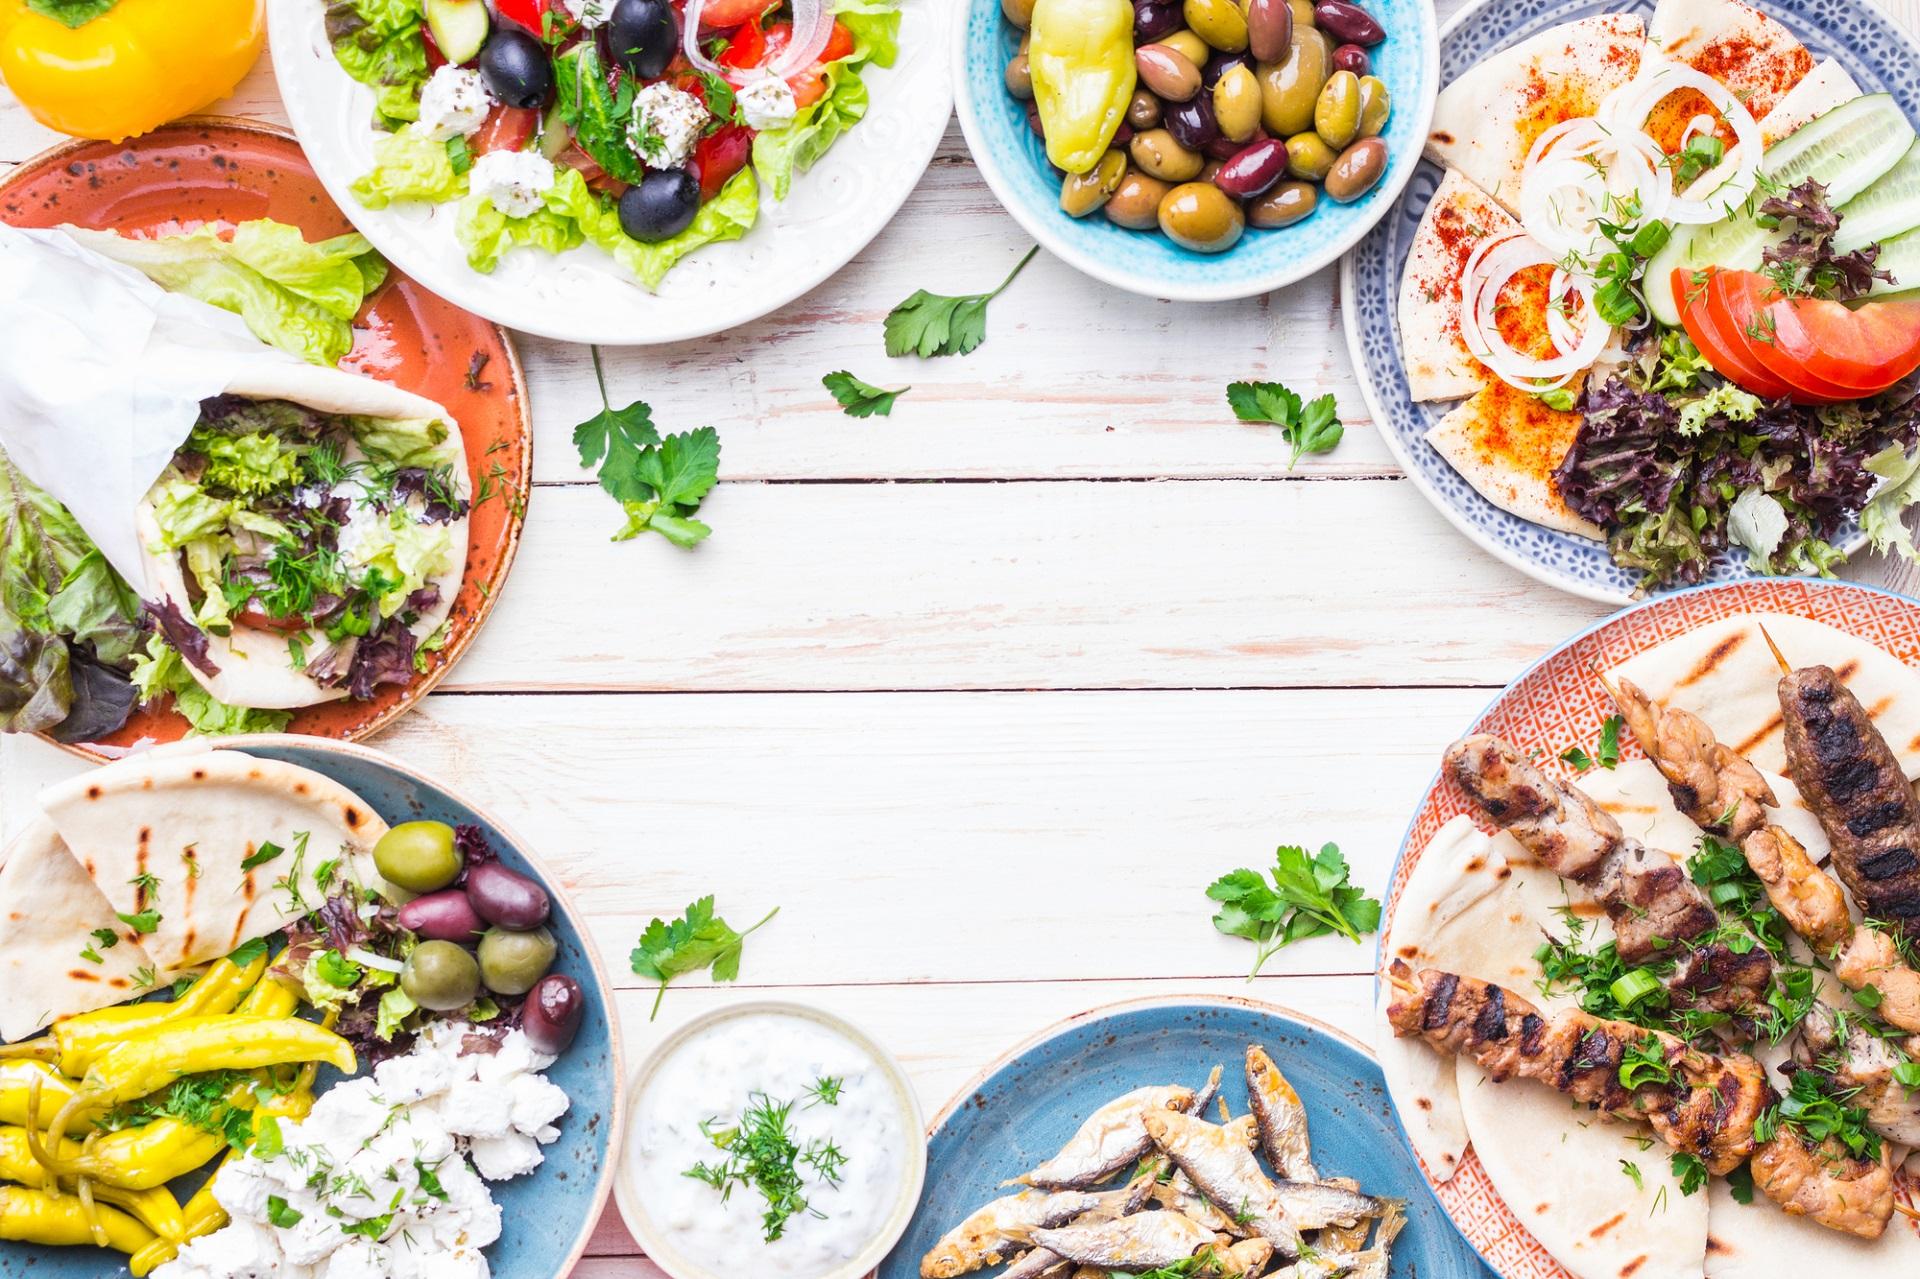 Griechische Küche - GASTRONOMIE -Thalatta kalamitsi village camp ...